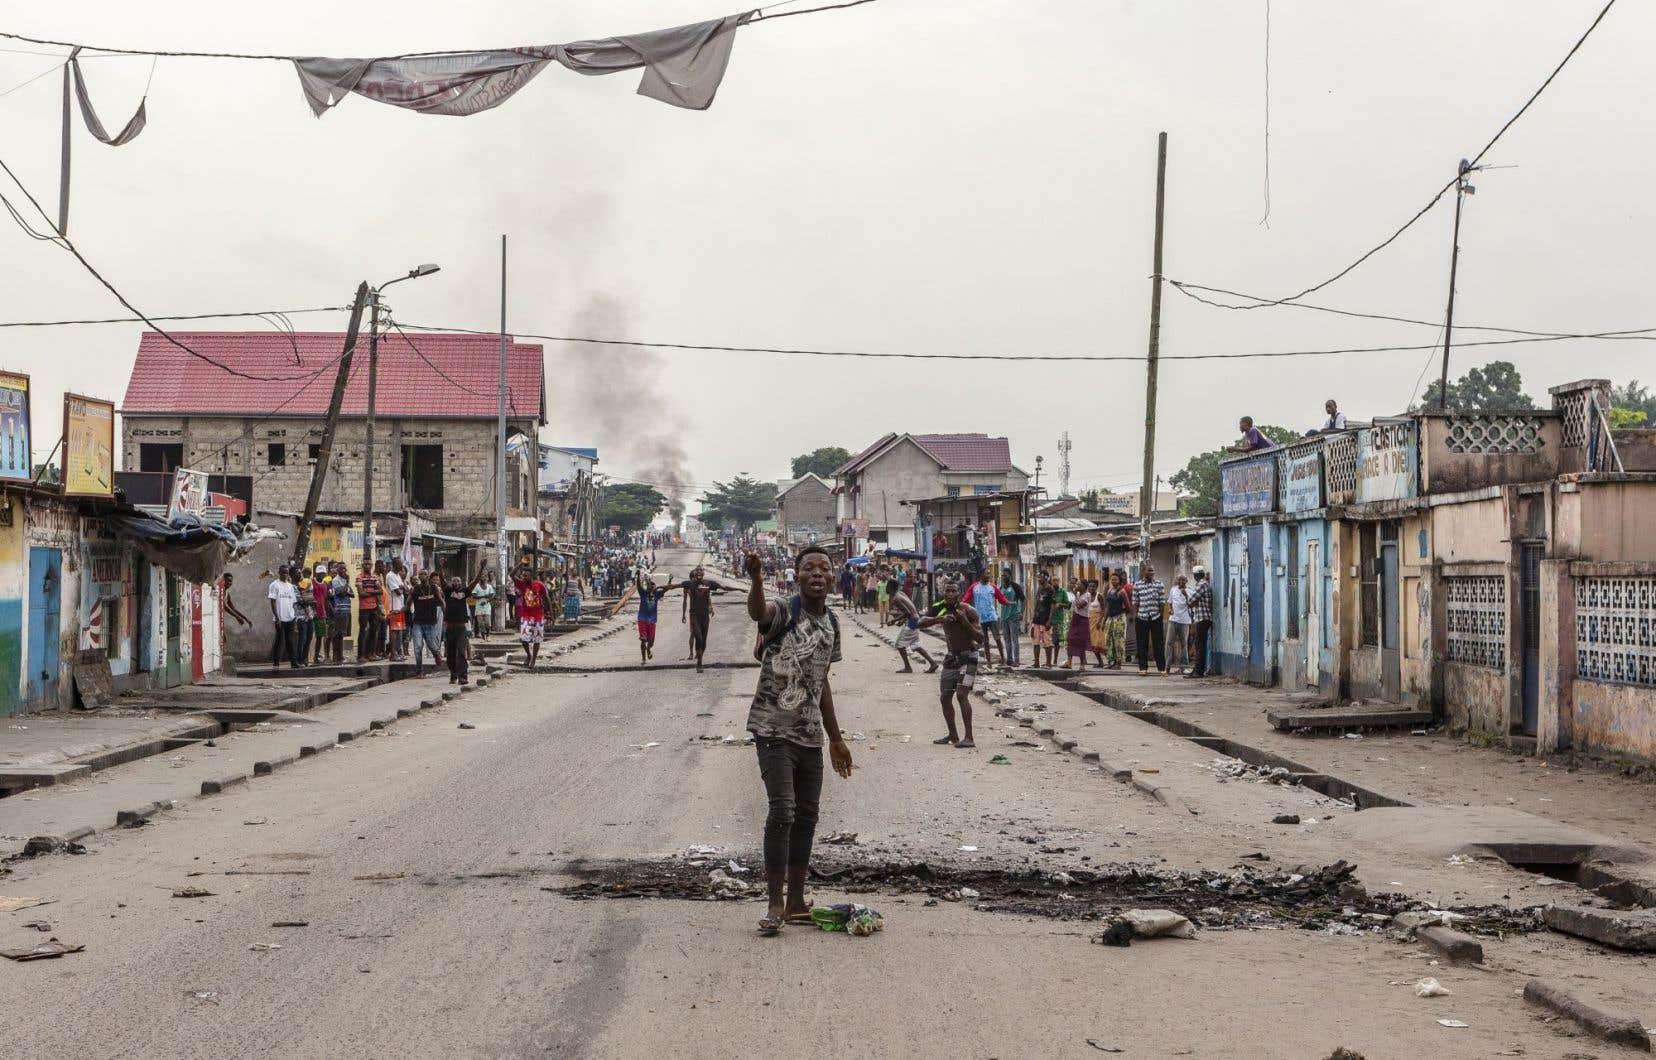 Mardi, au dernier jour du mandat du président Joseph Kabila, Kinshasa, Lubumbashi et d'autres villes du Congo ont été le théâtre d'affrontements meurtriers.